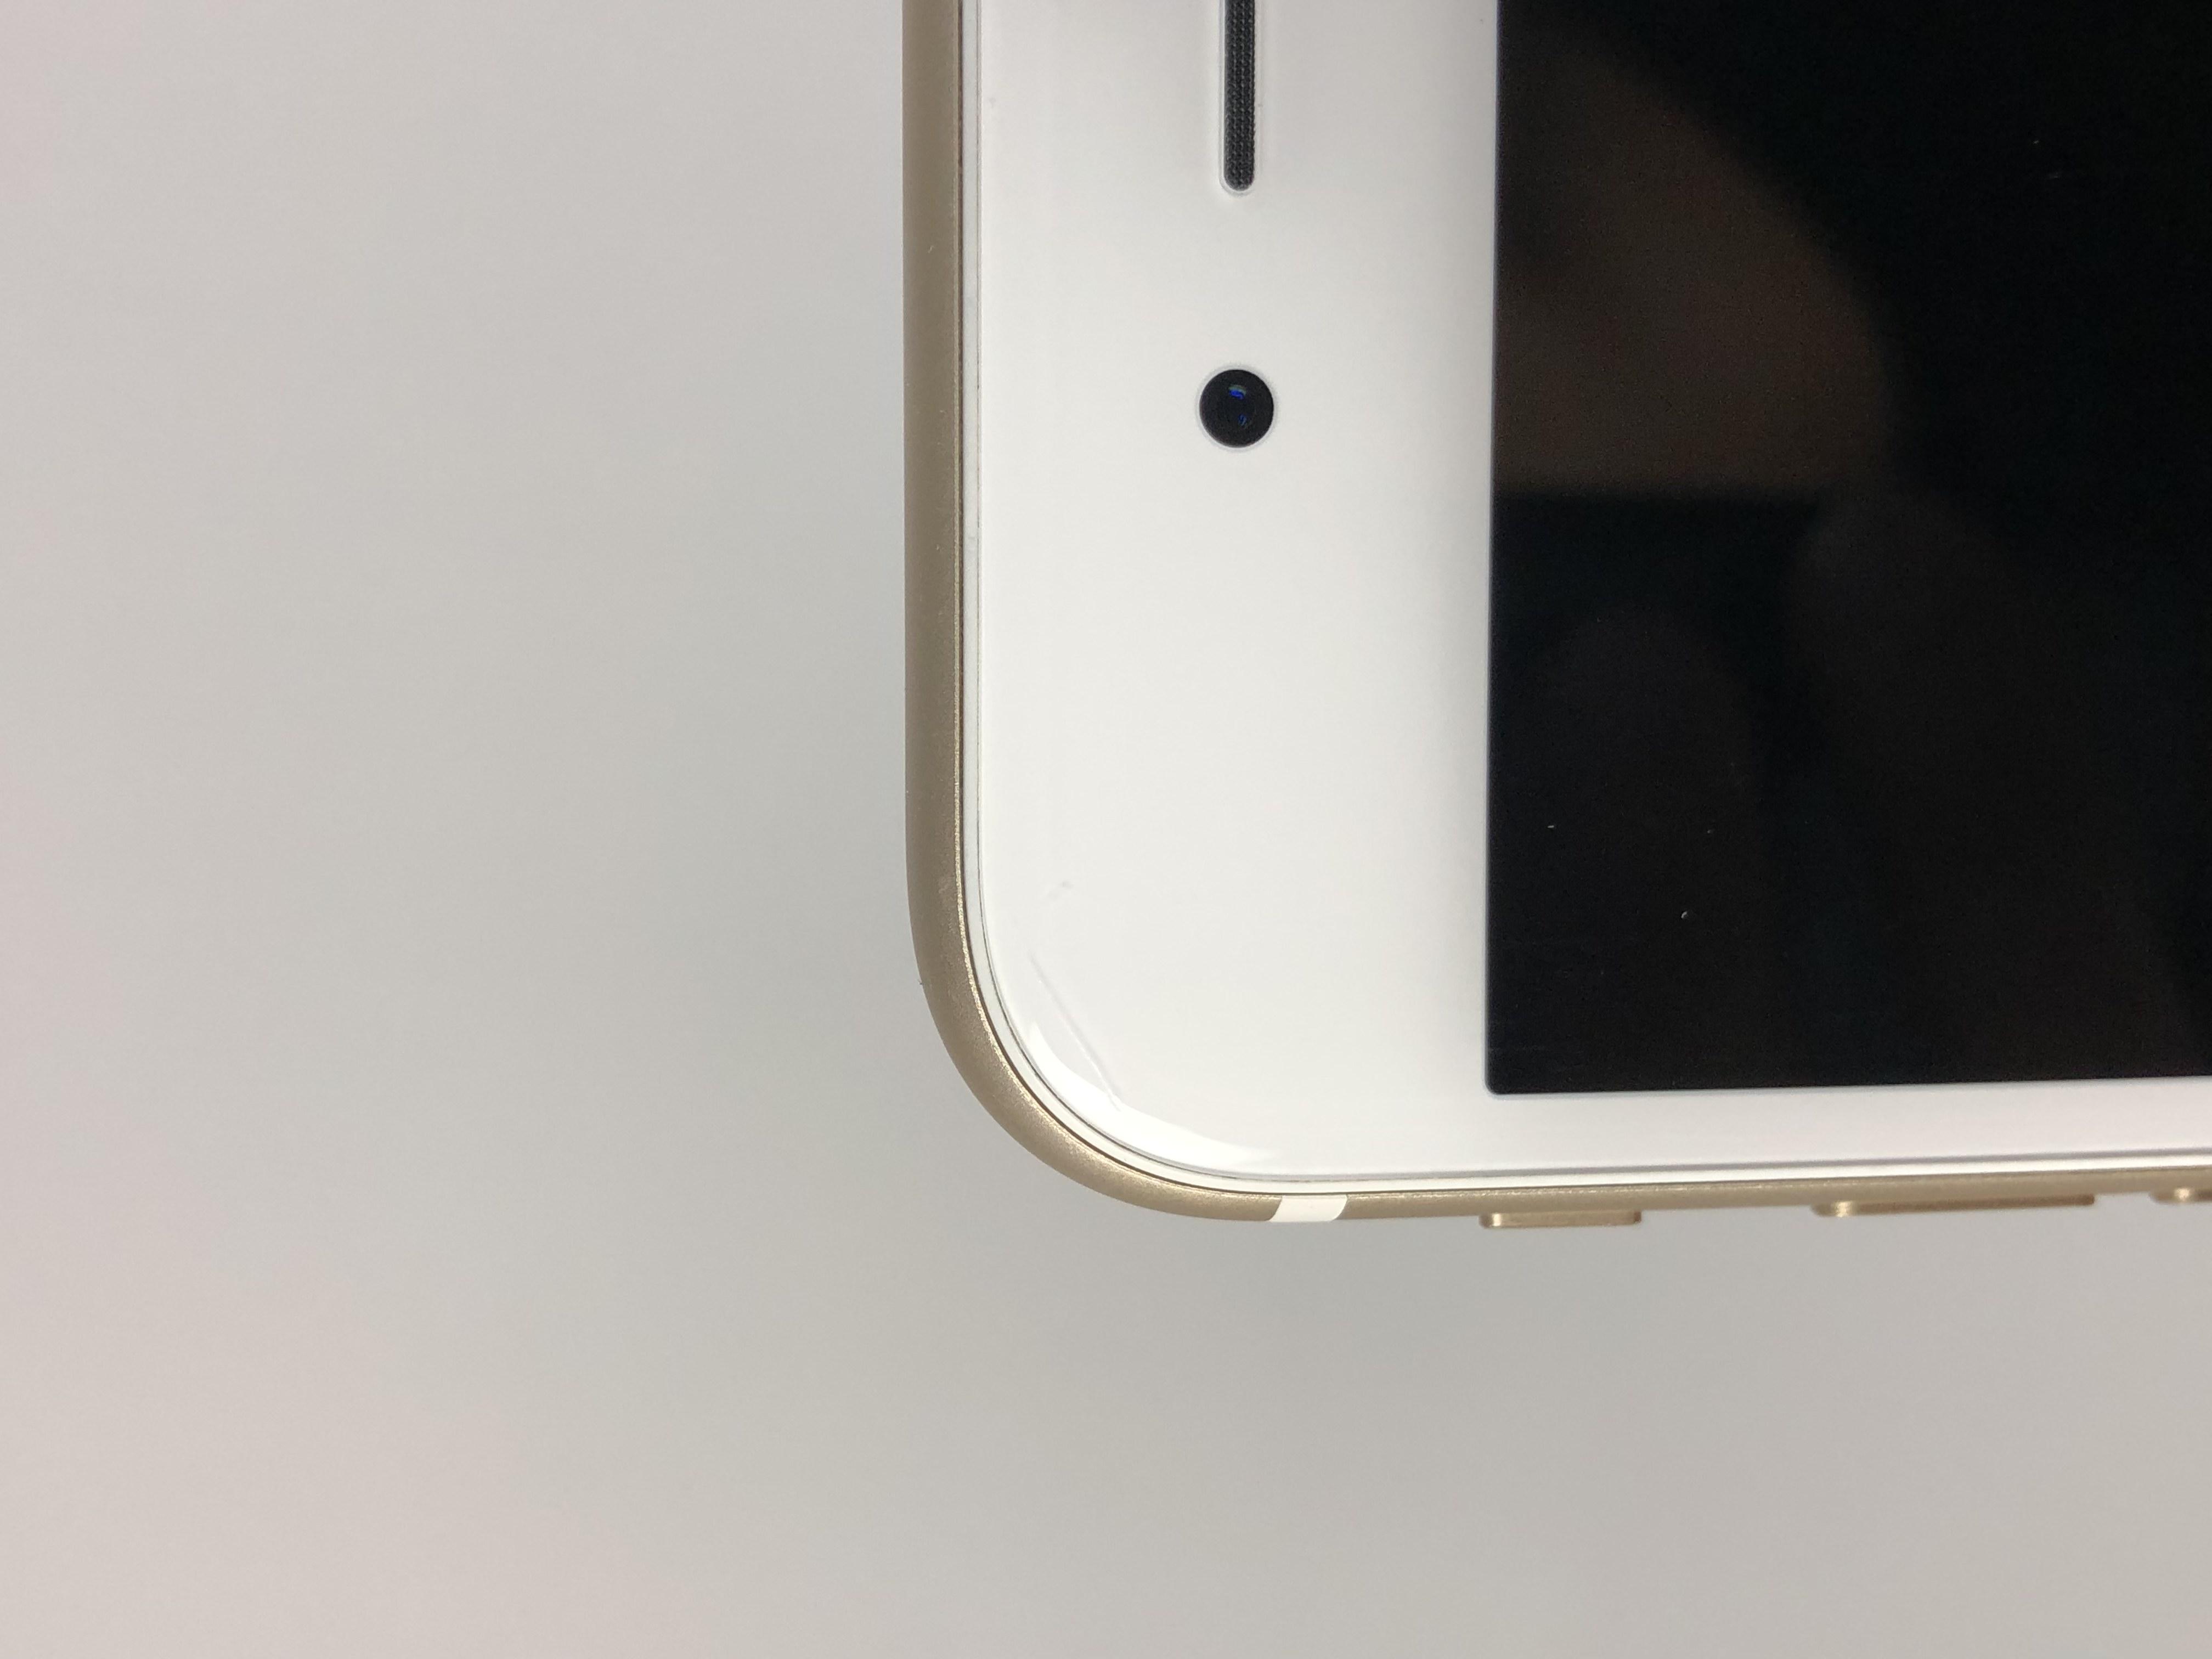 iPhone 7 Plus 256GB, 256 GB, Gold, Kuva 3